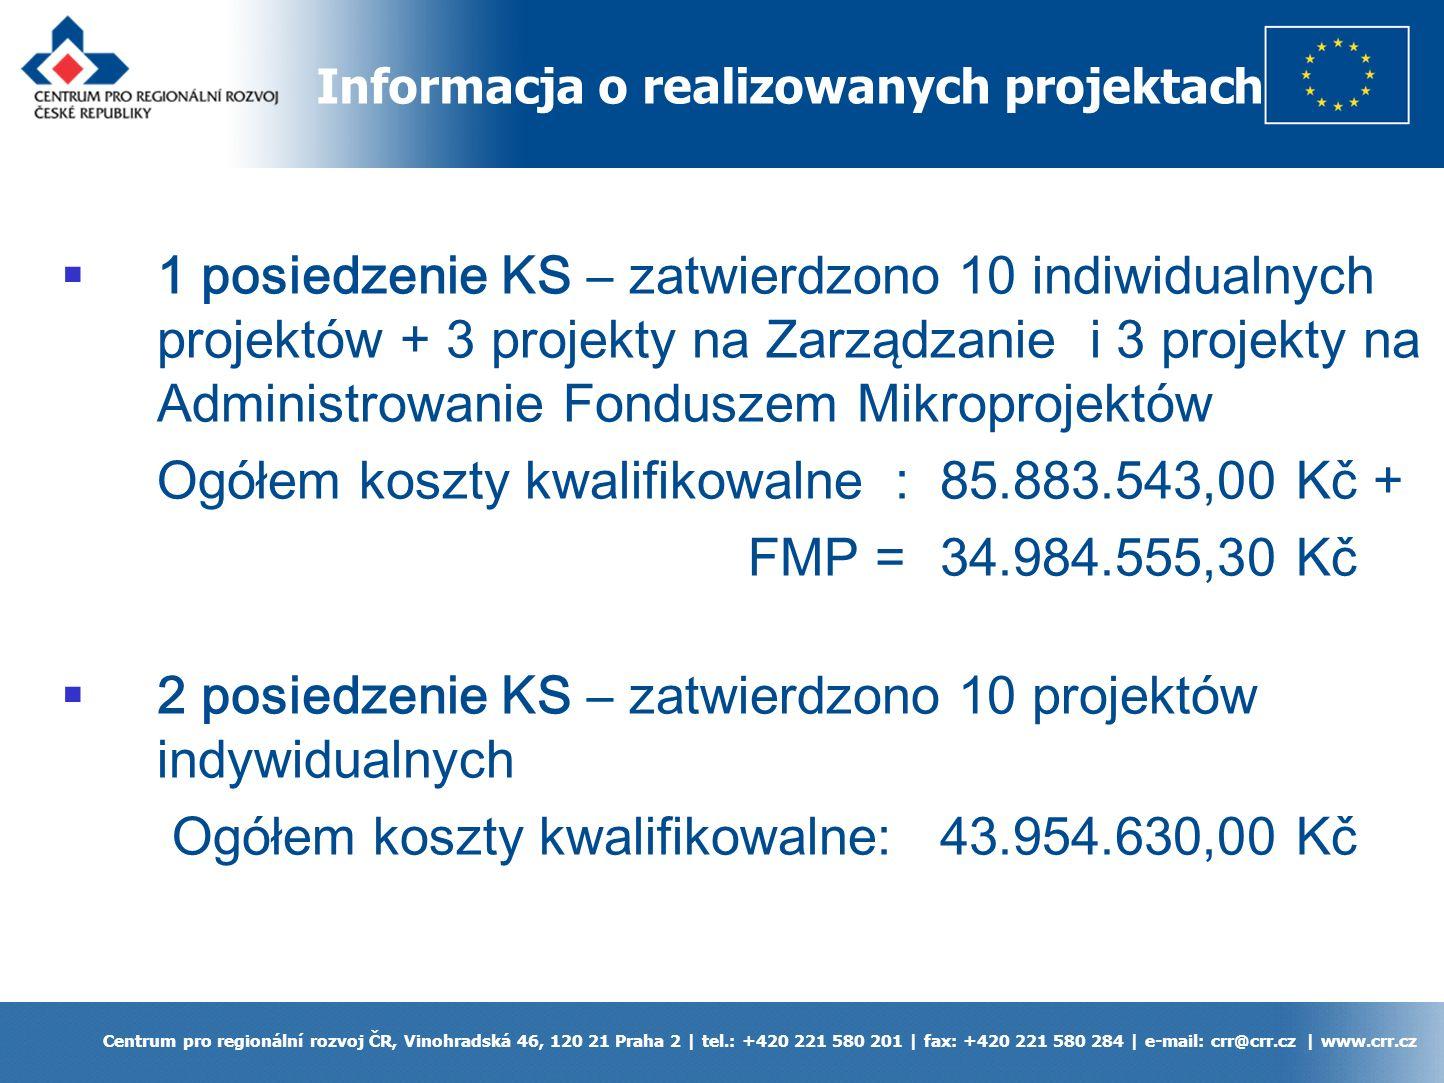 Informacja o realizowanych projektach Centrum pro regionální rozvoj ČR, Vinohradská 46, 120 21 Praha 2 | tel.: +420 221 580 201 | fax: +420 221 580 284 | e-mail: crr@crr.cz | www.crr.cz 1 posiedzenie KS – zatwierdzono 10 indiwidualnych projektów + 3 projekty na Zarządzanie i 3 projekty na Administrowanie Fonduszem Mikroprojektów Ogółem koszty kwalifikowalne : 85.883.543,00 Kč + FMP = 34.984.555,30 Kč 2 posiedzenie KS – zatwierdzono 10 projektów indywidualnych Ogółem koszty kwalifikowalne: 43.954.630,00 Kč